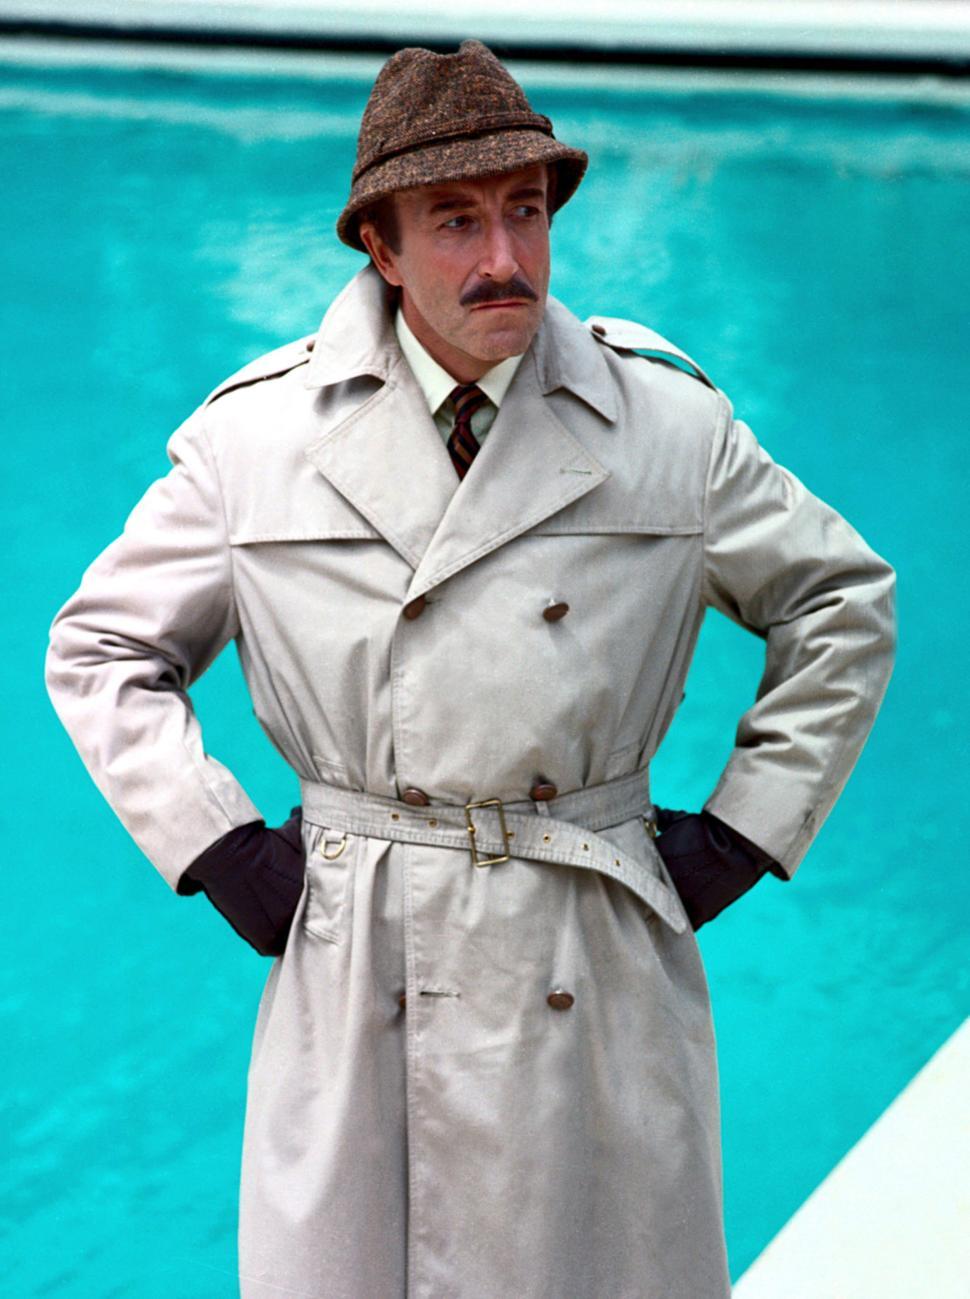 Nuestro Inspector no descansa ni en la piscina